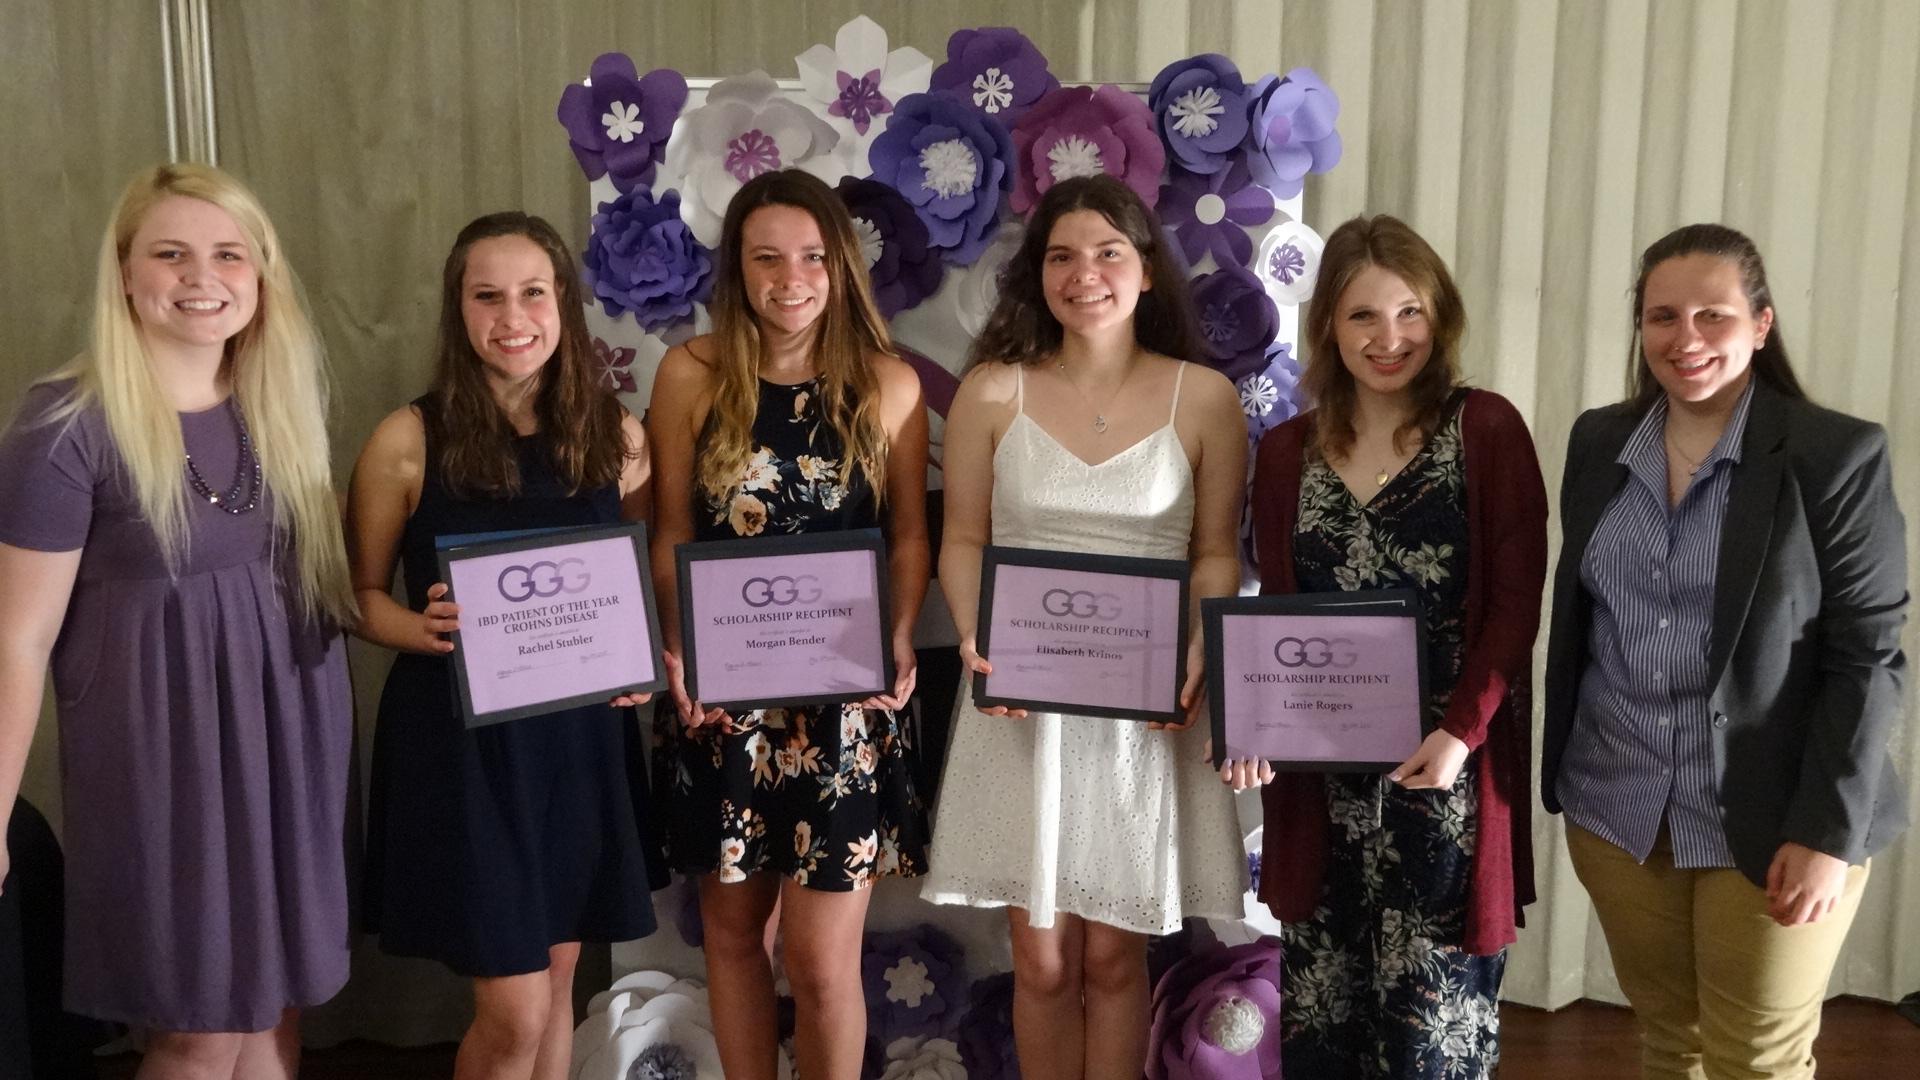 From left, Reganne O'Brien, Rachel Stubler, Morgan Bender, Elizabeth Krinos, Lanie Rogers and Hallie Niemi